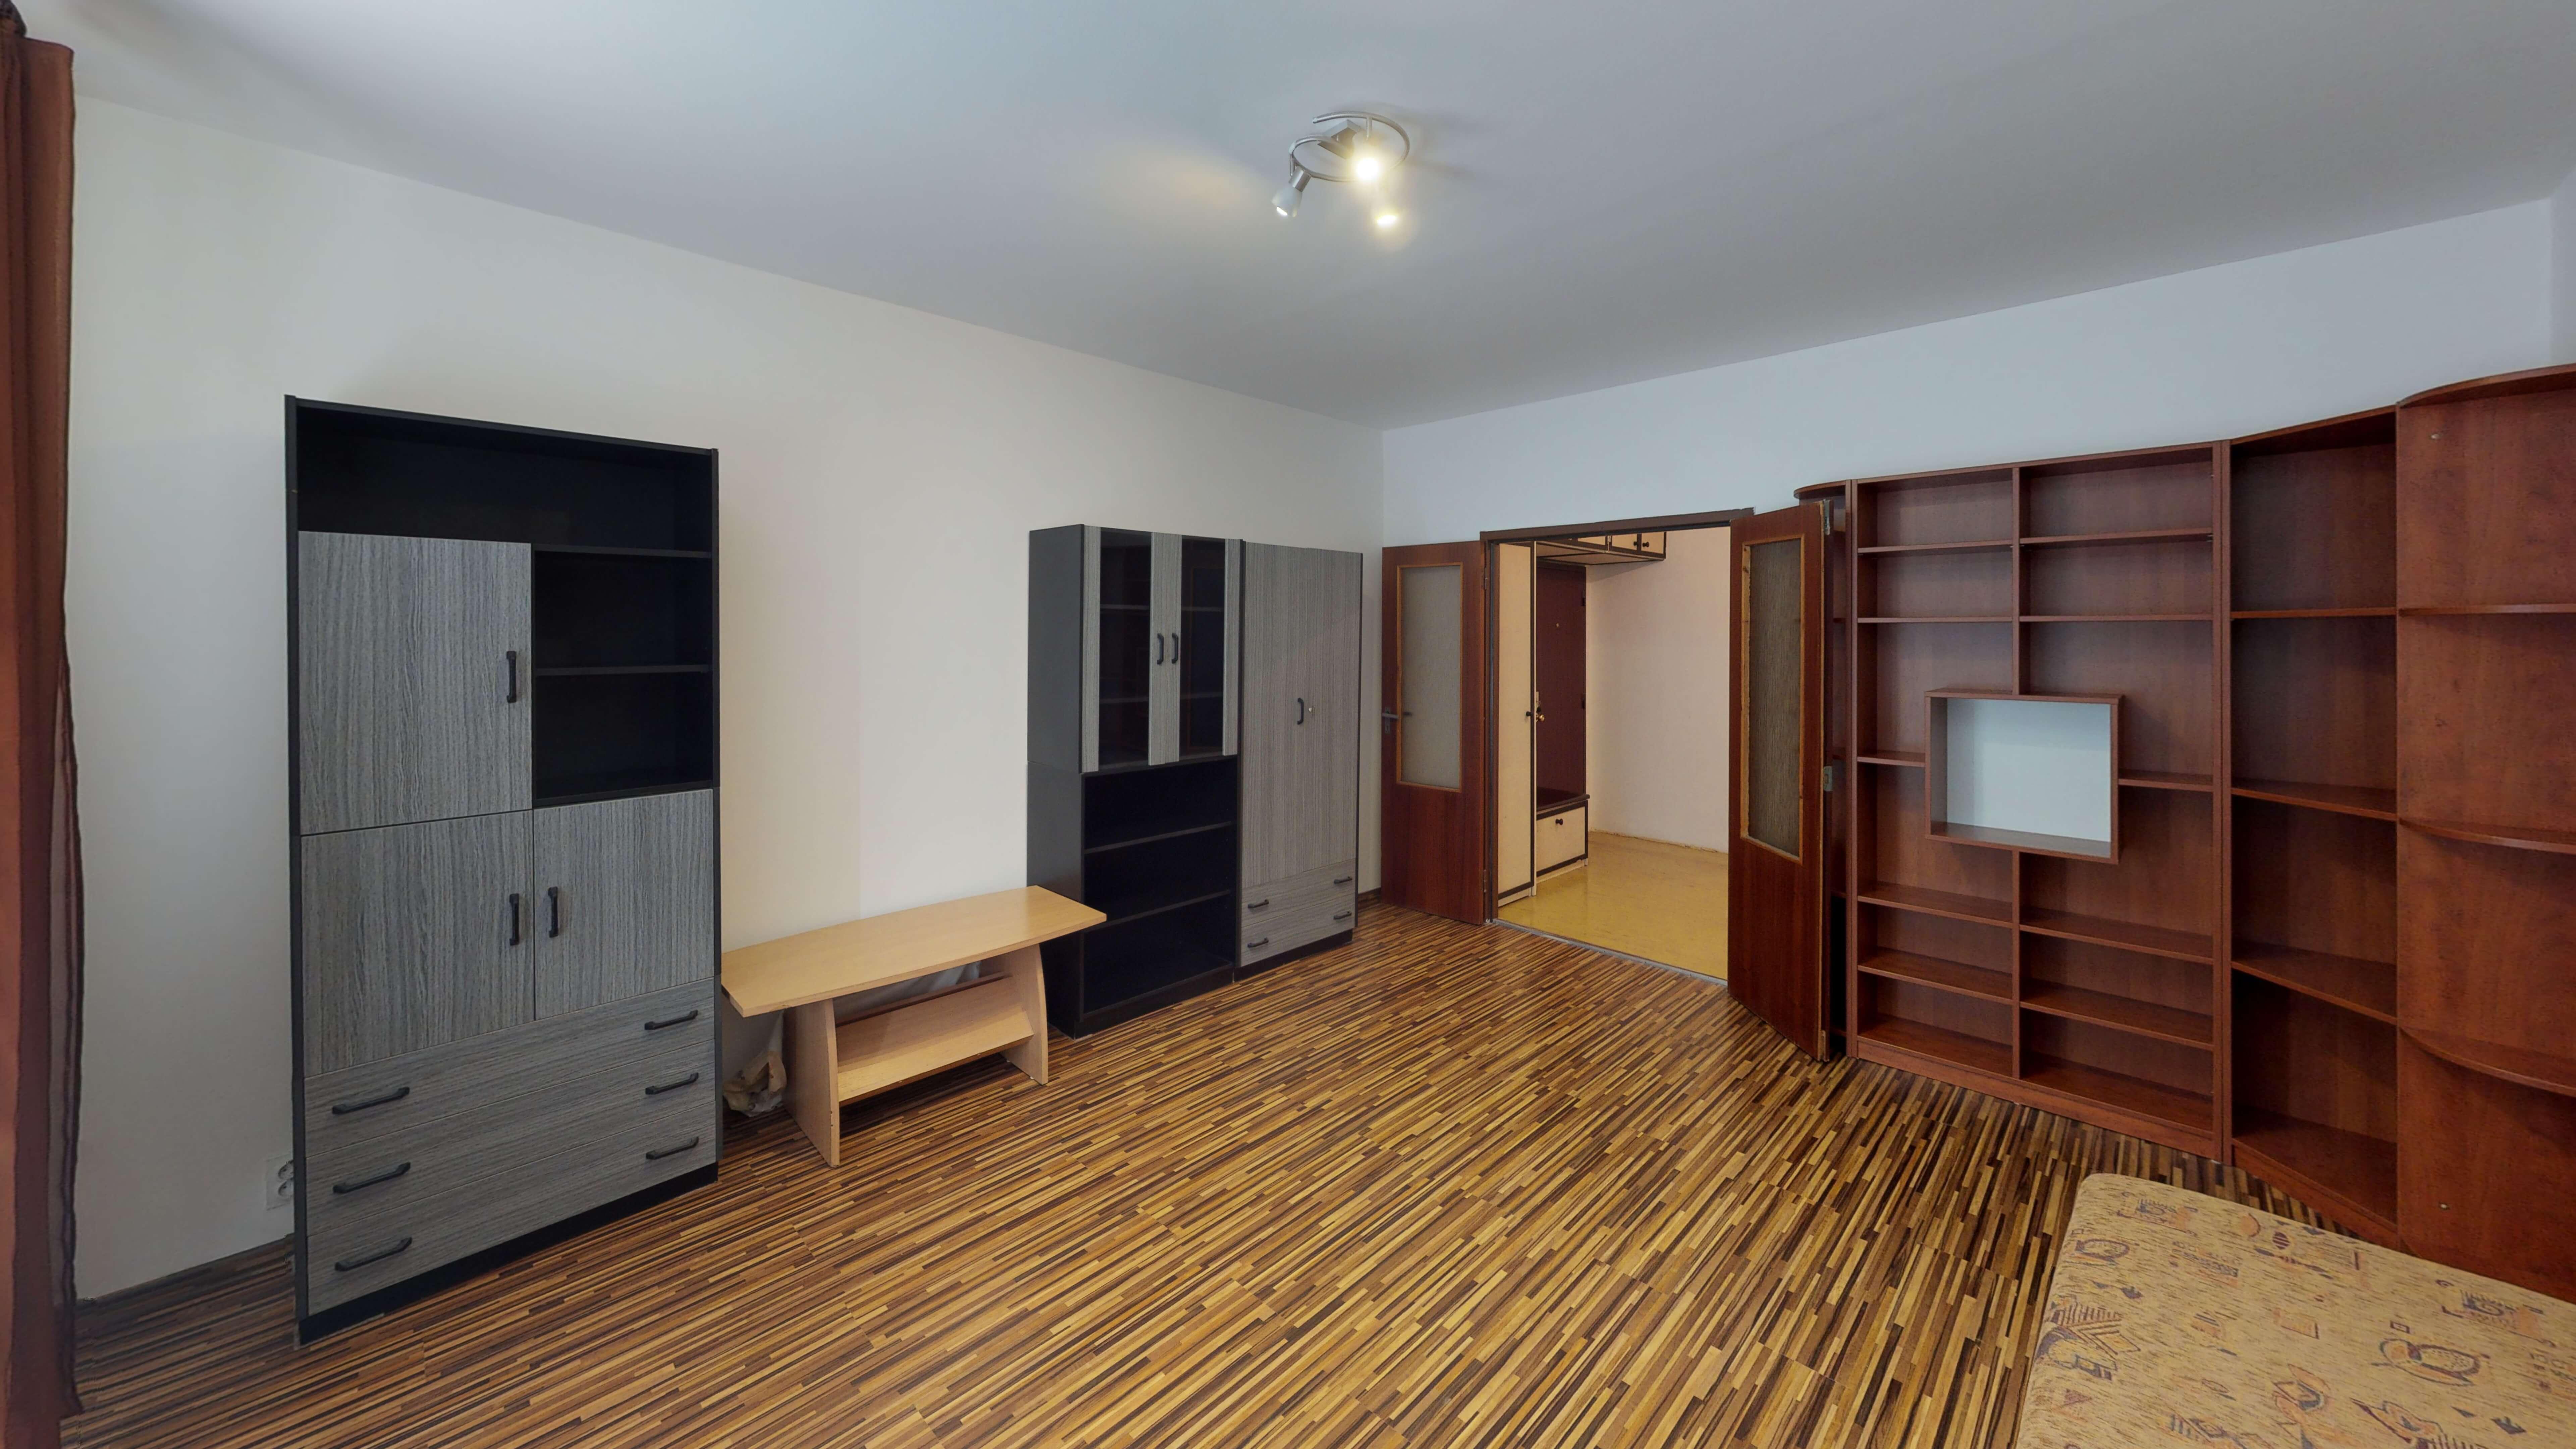 Predaný 3 izbový byt s dvoma loggiami v zrekonštruovanom bytovom dome-0